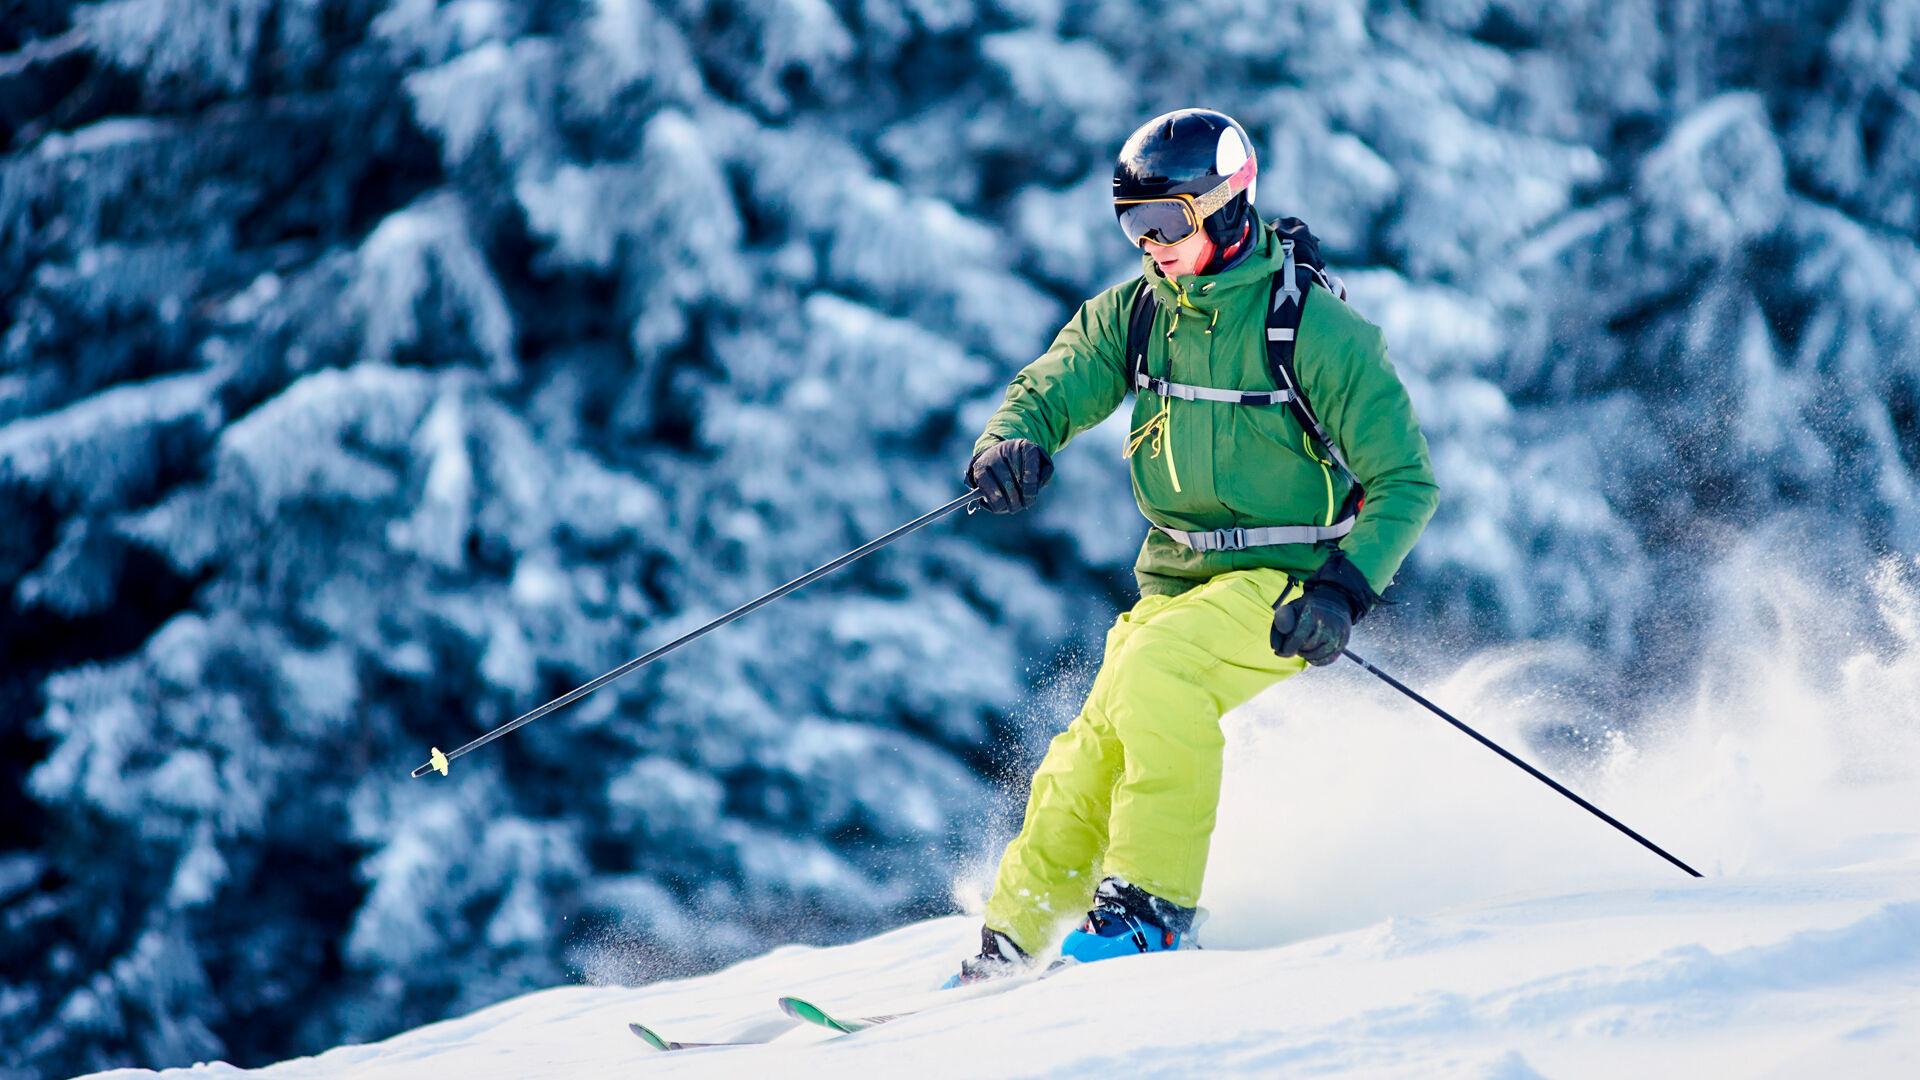 Urheilu- ja laskettelulasit vahvuuksilla pelastavat talviurheilijan päivän